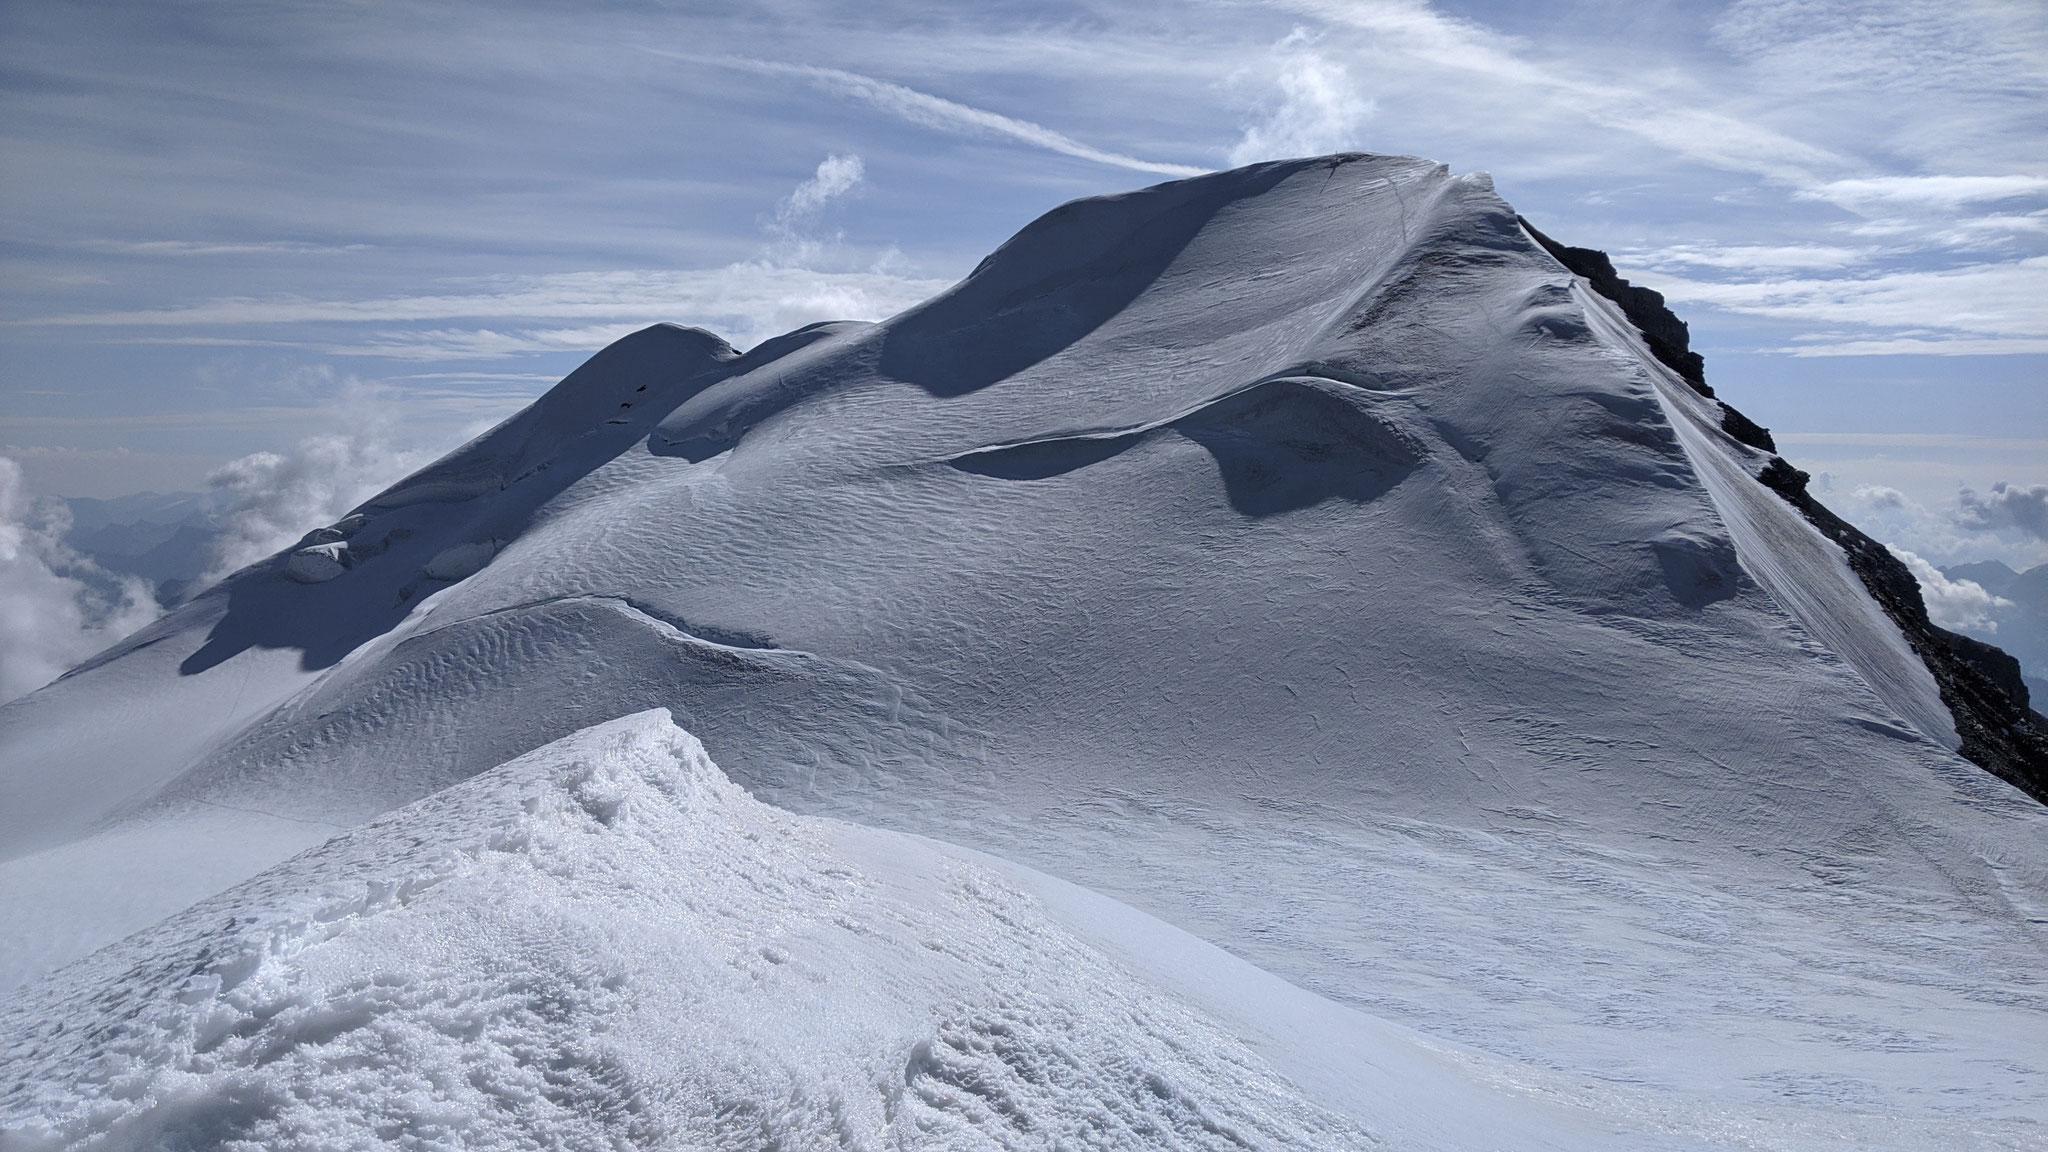 Grand Combin de Grafeneire (4314 m) und hinten dran Aiguille de Croissant (4260 m)